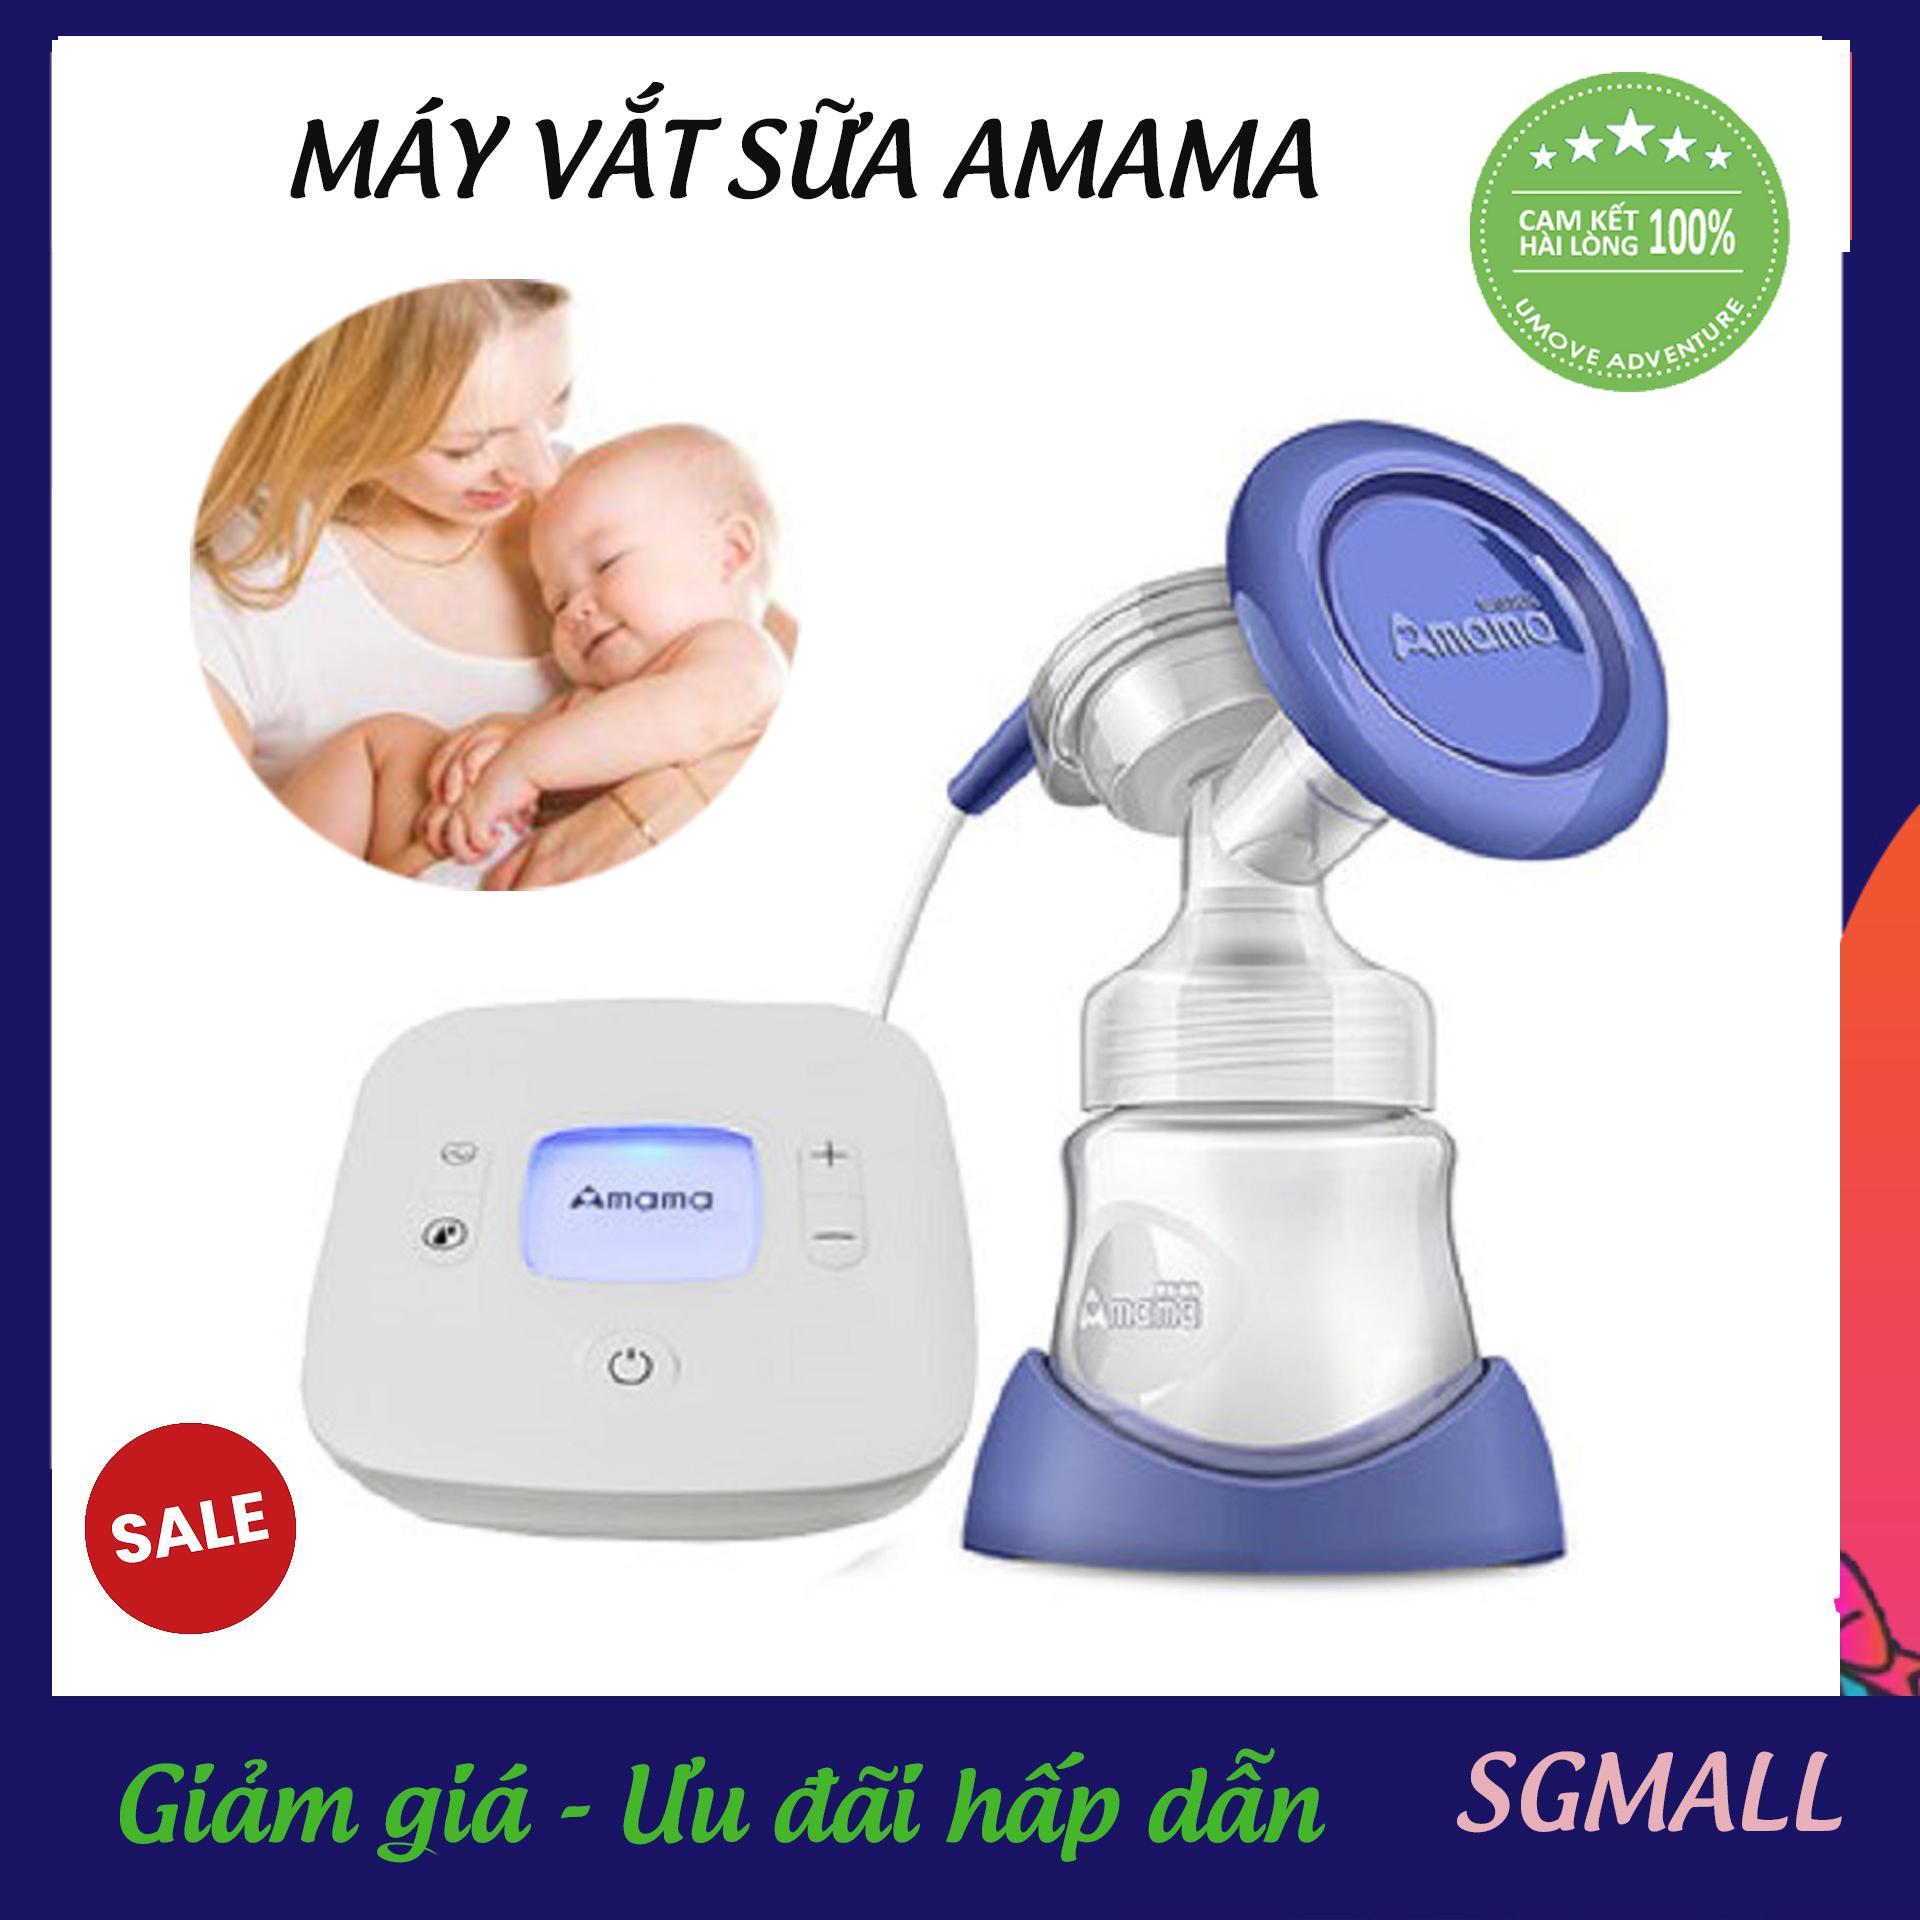 Máy hút sữa an toàn cho mẹ, Nên Mua Máy vắt sữa loại nào tốt, Mua ngay Máy hút sữa Amama cao cấp bán chạy 2019. Dễ dàng vệ sinh. Đạt tiêu chuẩn an toàn, hút đều sữa. Bảo hành 12 tháng